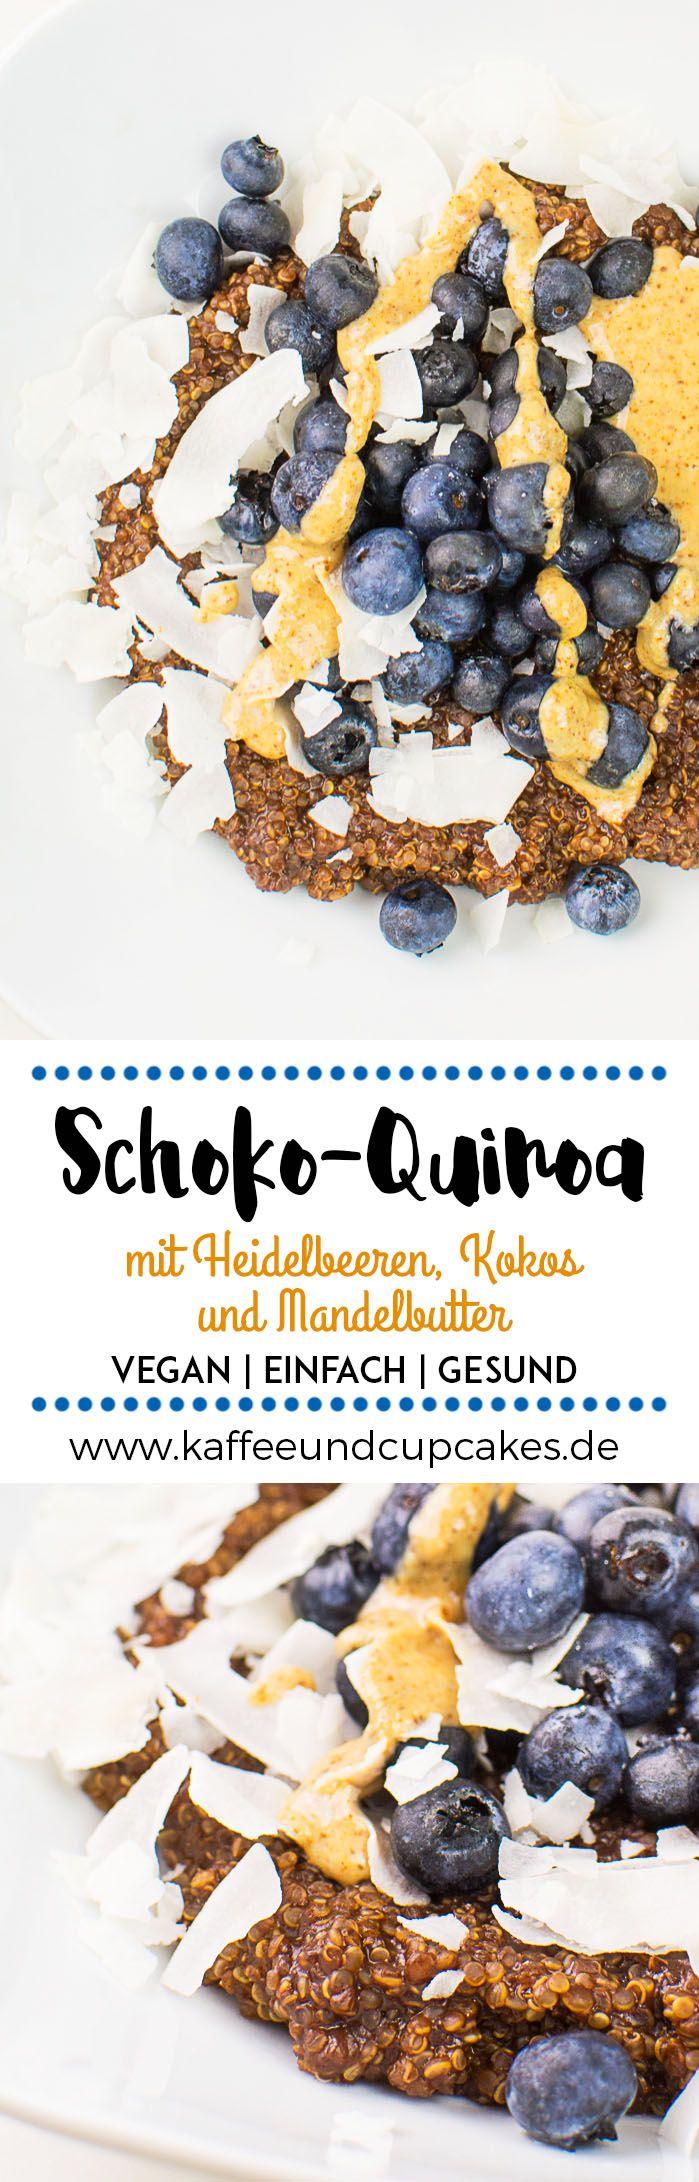 Schoko-Quinoa mit frischen Heidelbeeren, Kokos-Chips und selbstgemachter Mandelbutter | Kaffee & Cupcakes #vegan #breakfast #frühstück #brei #quinoa #gesund #schoko #schokolade #kakao #heidelbeeren #blaubeeren #kokos #mandeln #mandelbutter #food